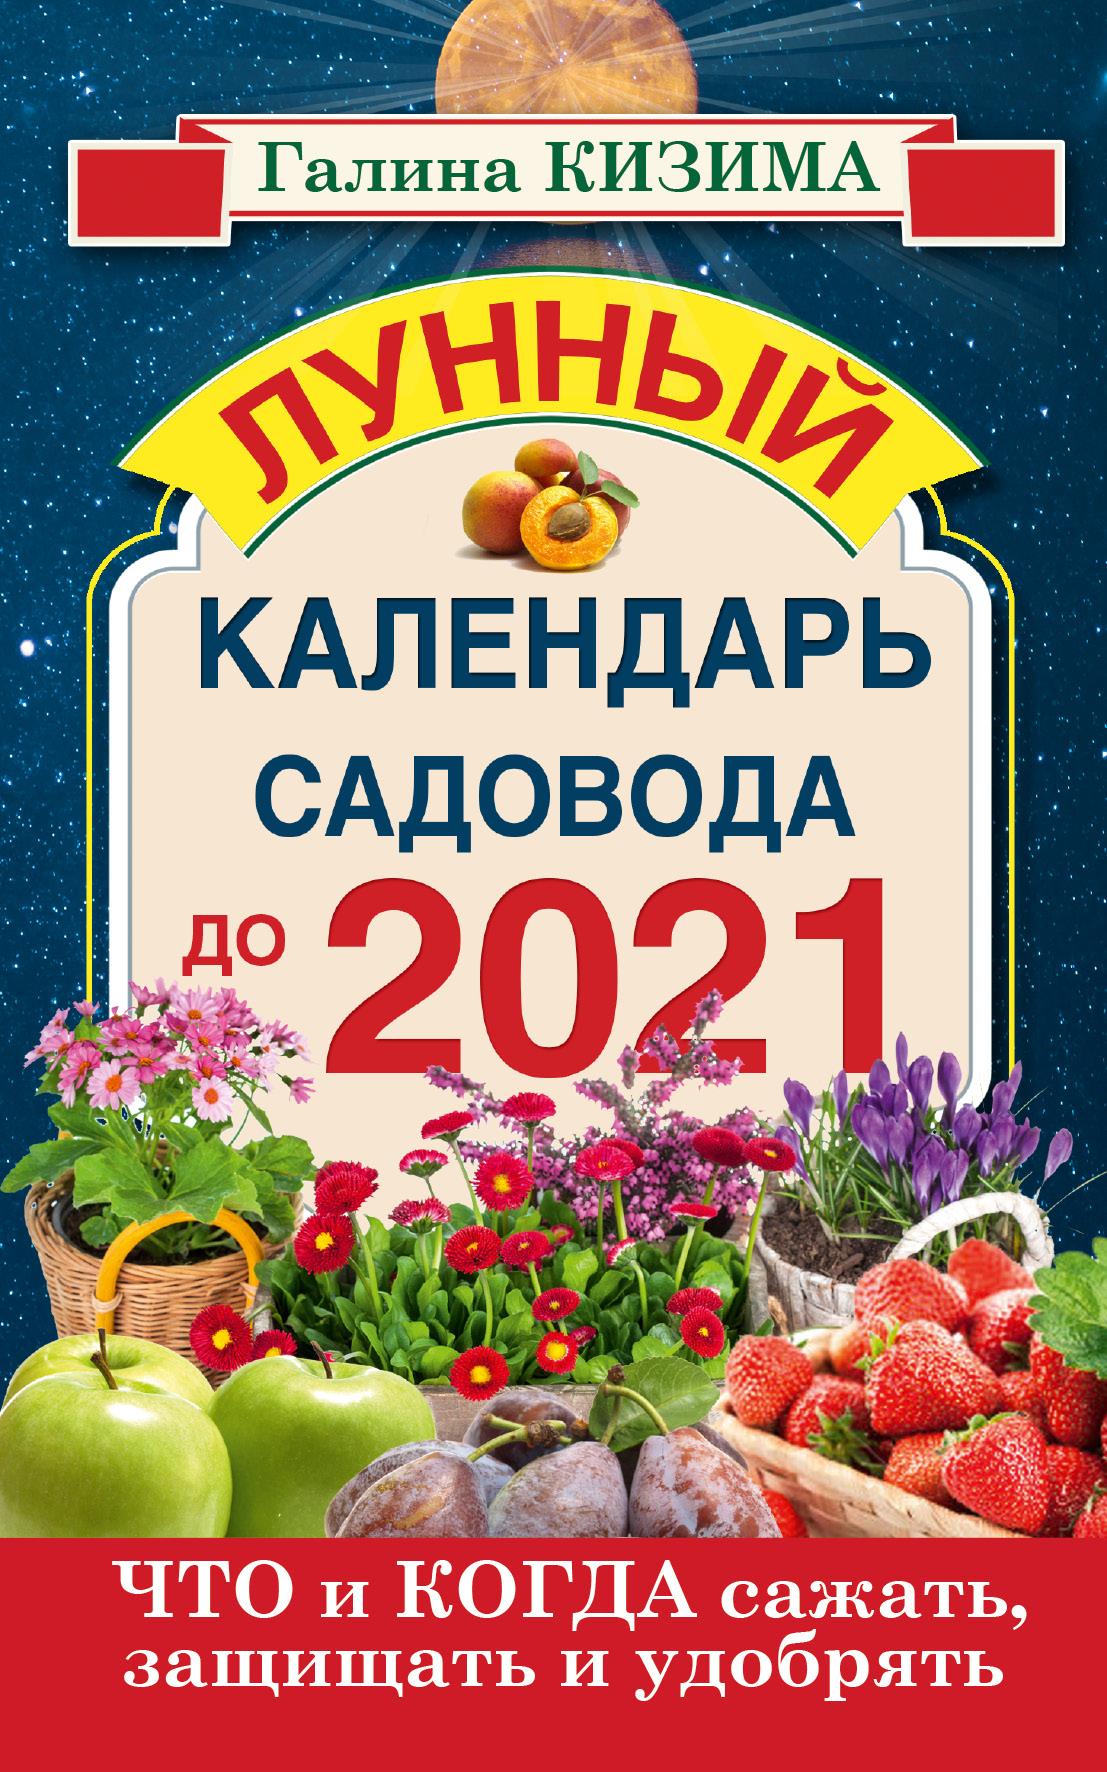 Что и когда сажать, защищать и удобрять. Лунный календарь садовода до 2021 года большой лунный календарь на каждый день 2018 года